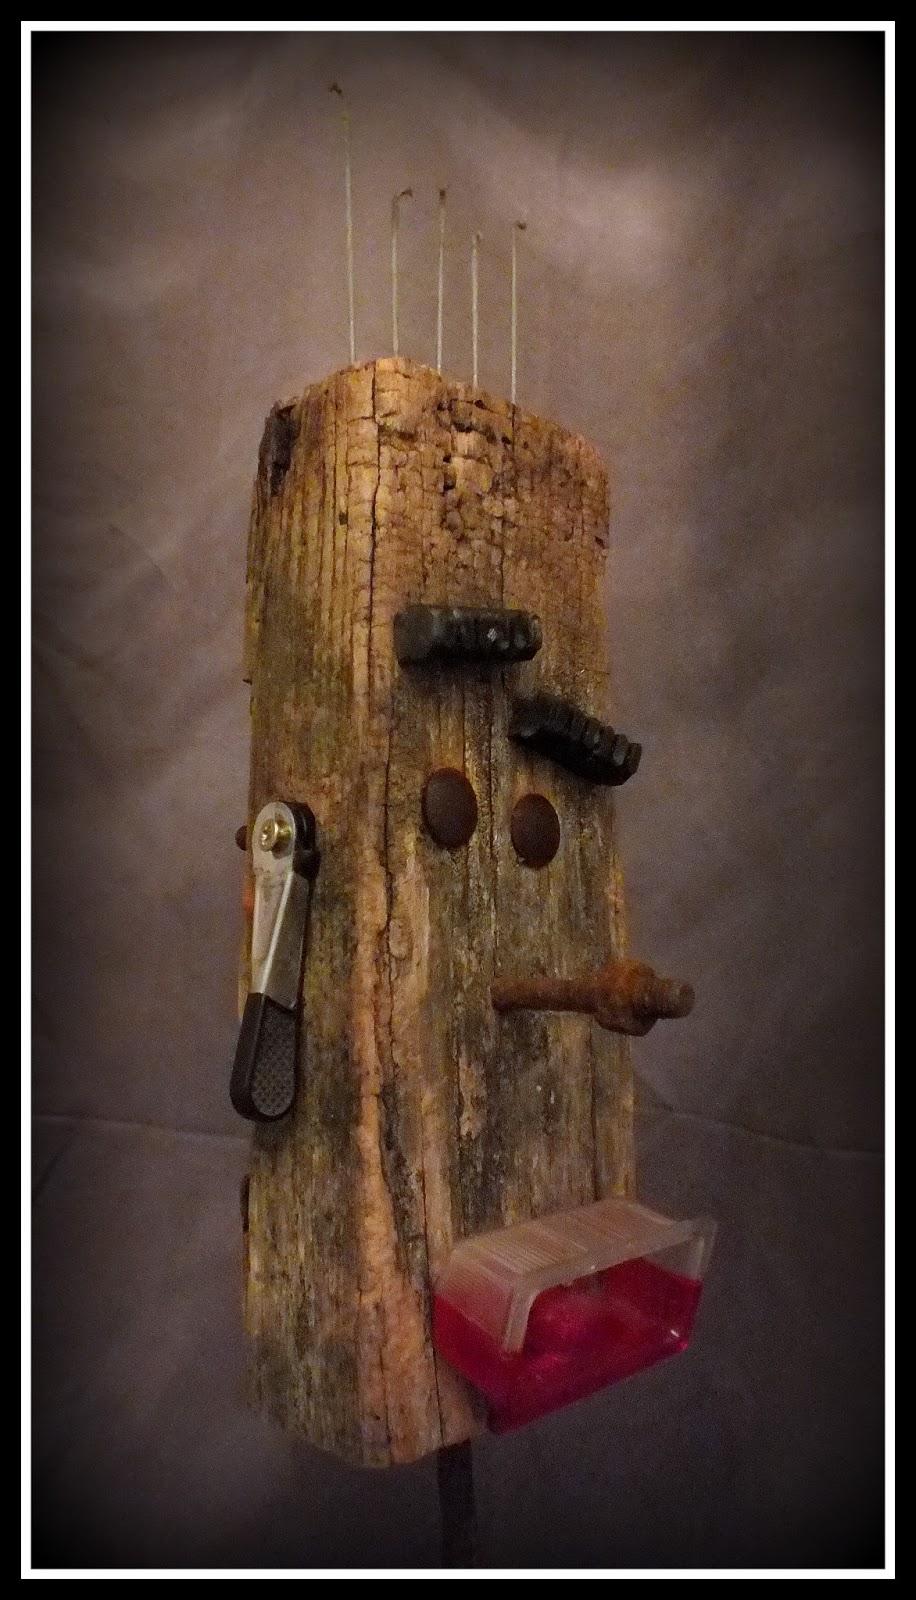 massilia alley punk totem en bois flott upcycling mutoz inc art en bois flott. Black Bedroom Furniture Sets. Home Design Ideas